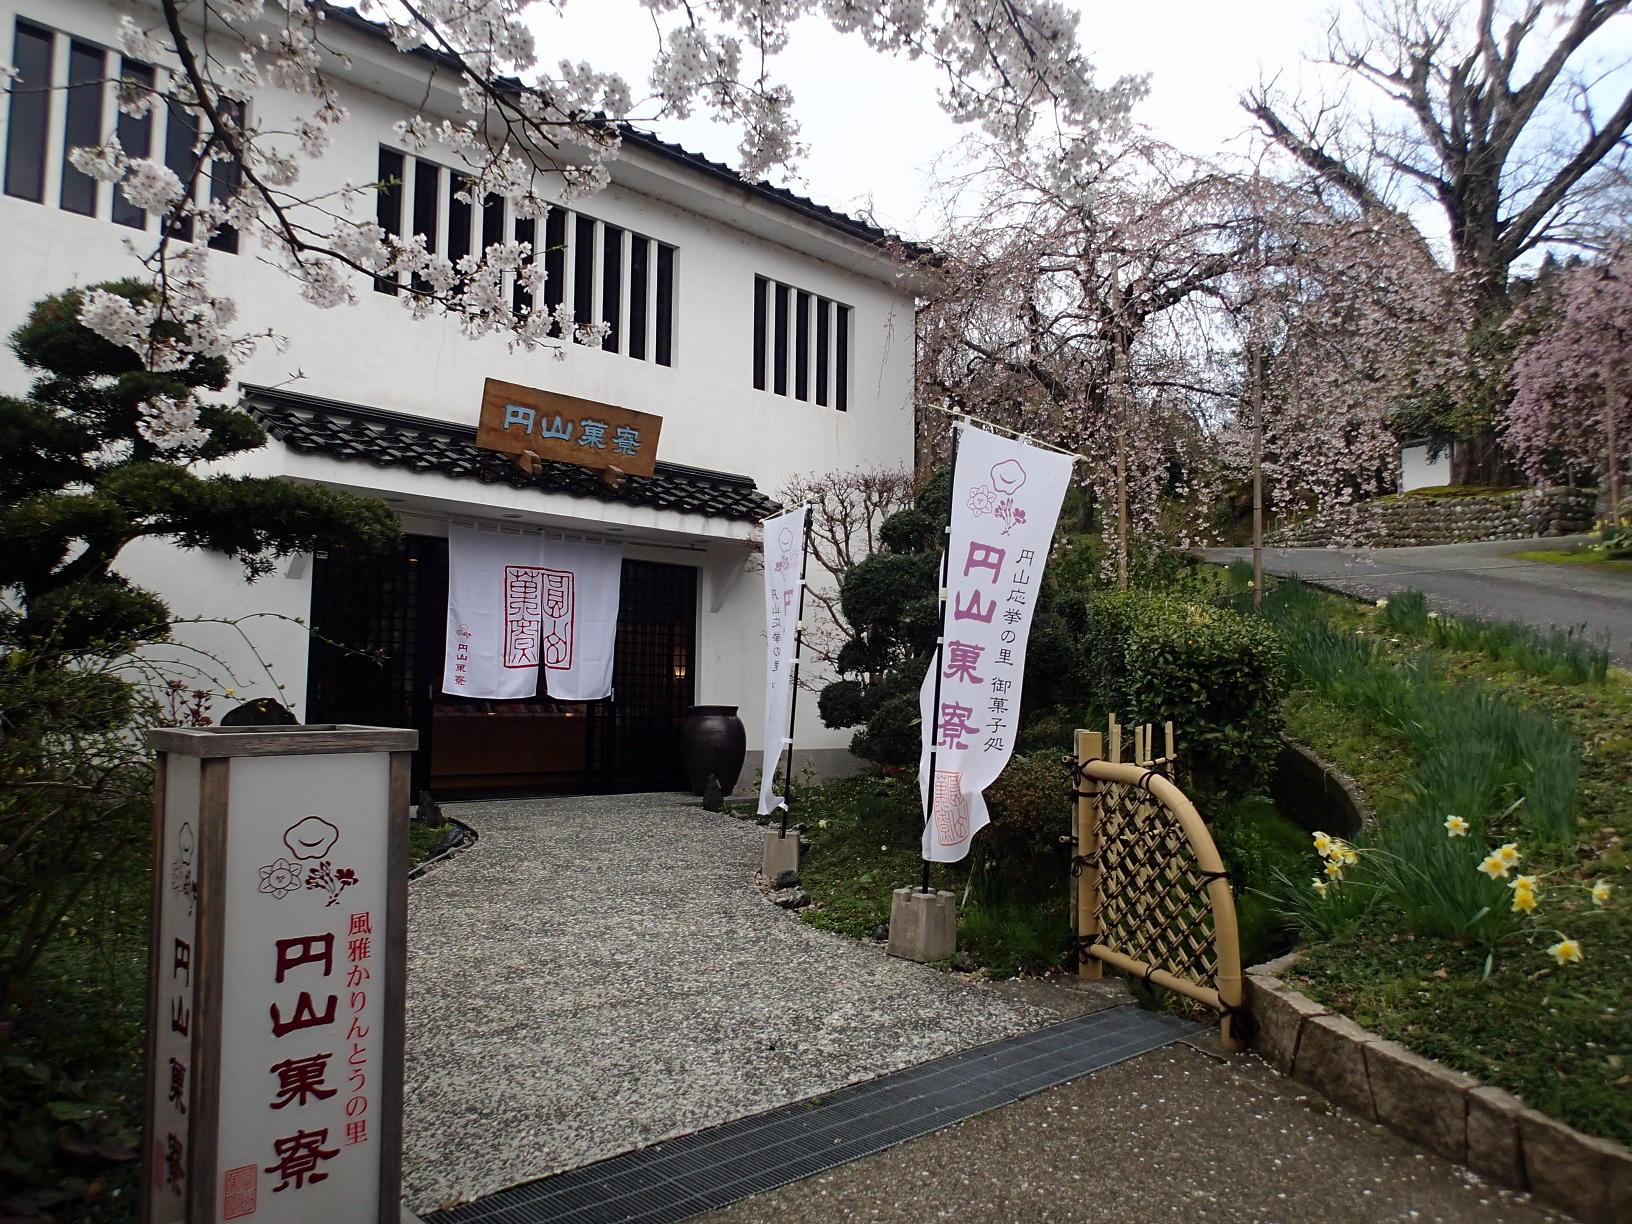 香住の桜情報と円山菓寮さん